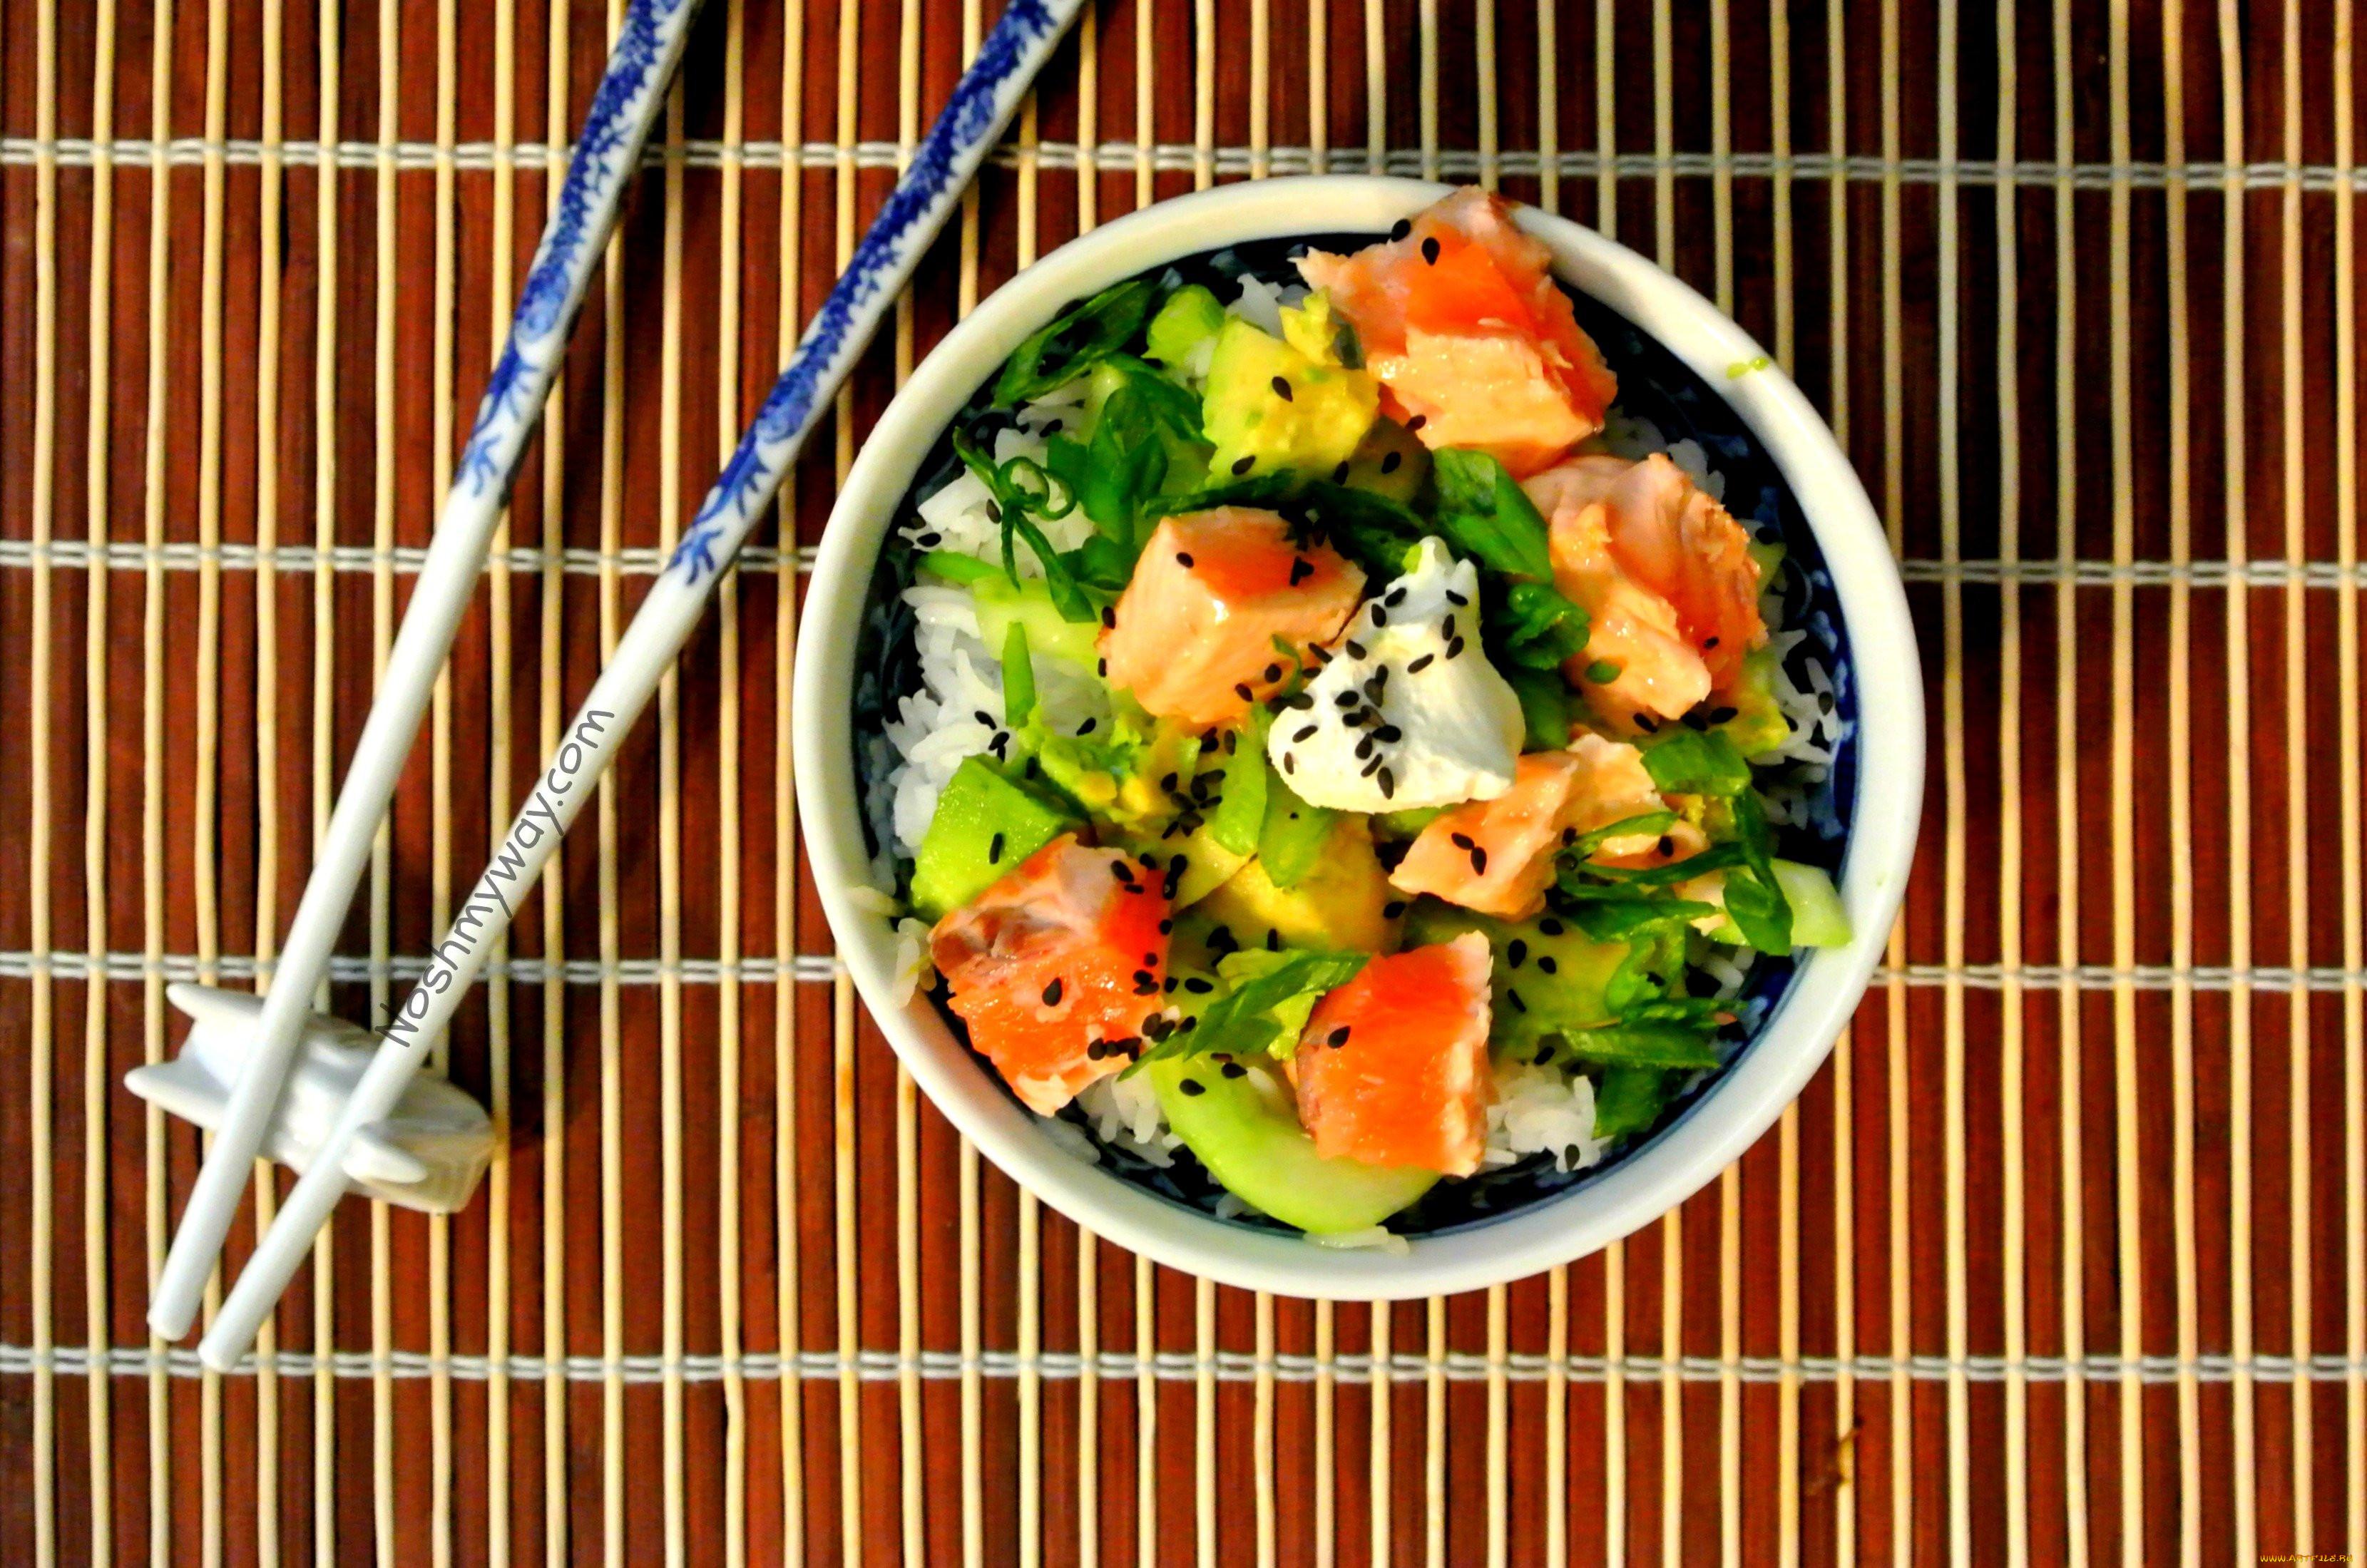 японский салат картинки забудьте, как следует